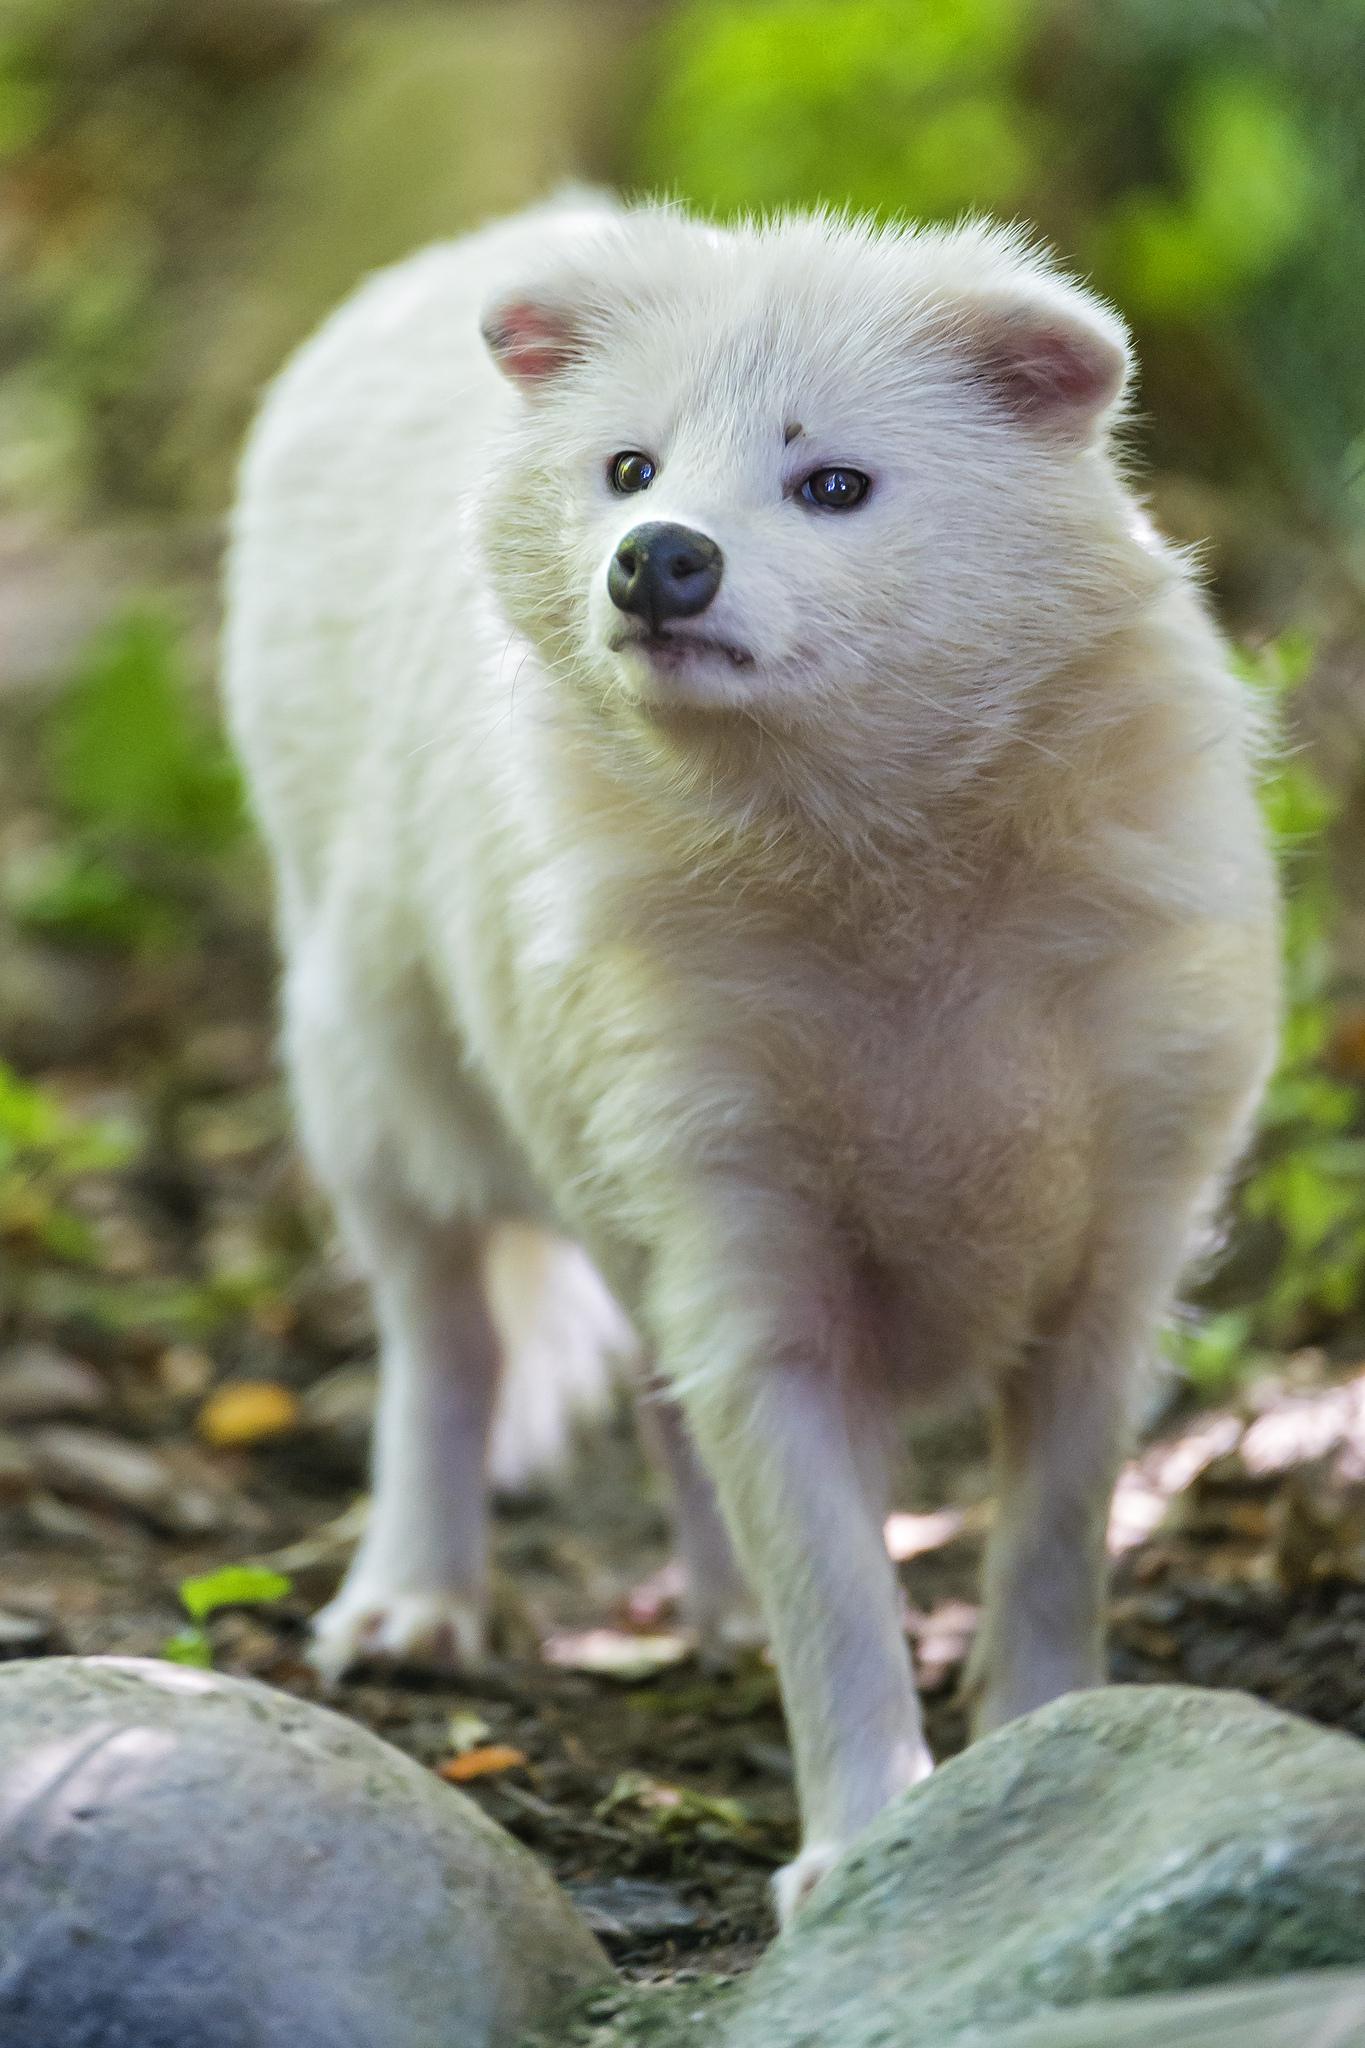 raccoon dog, Asiatic raccoon, fur industry, fur trade, China, fur farm